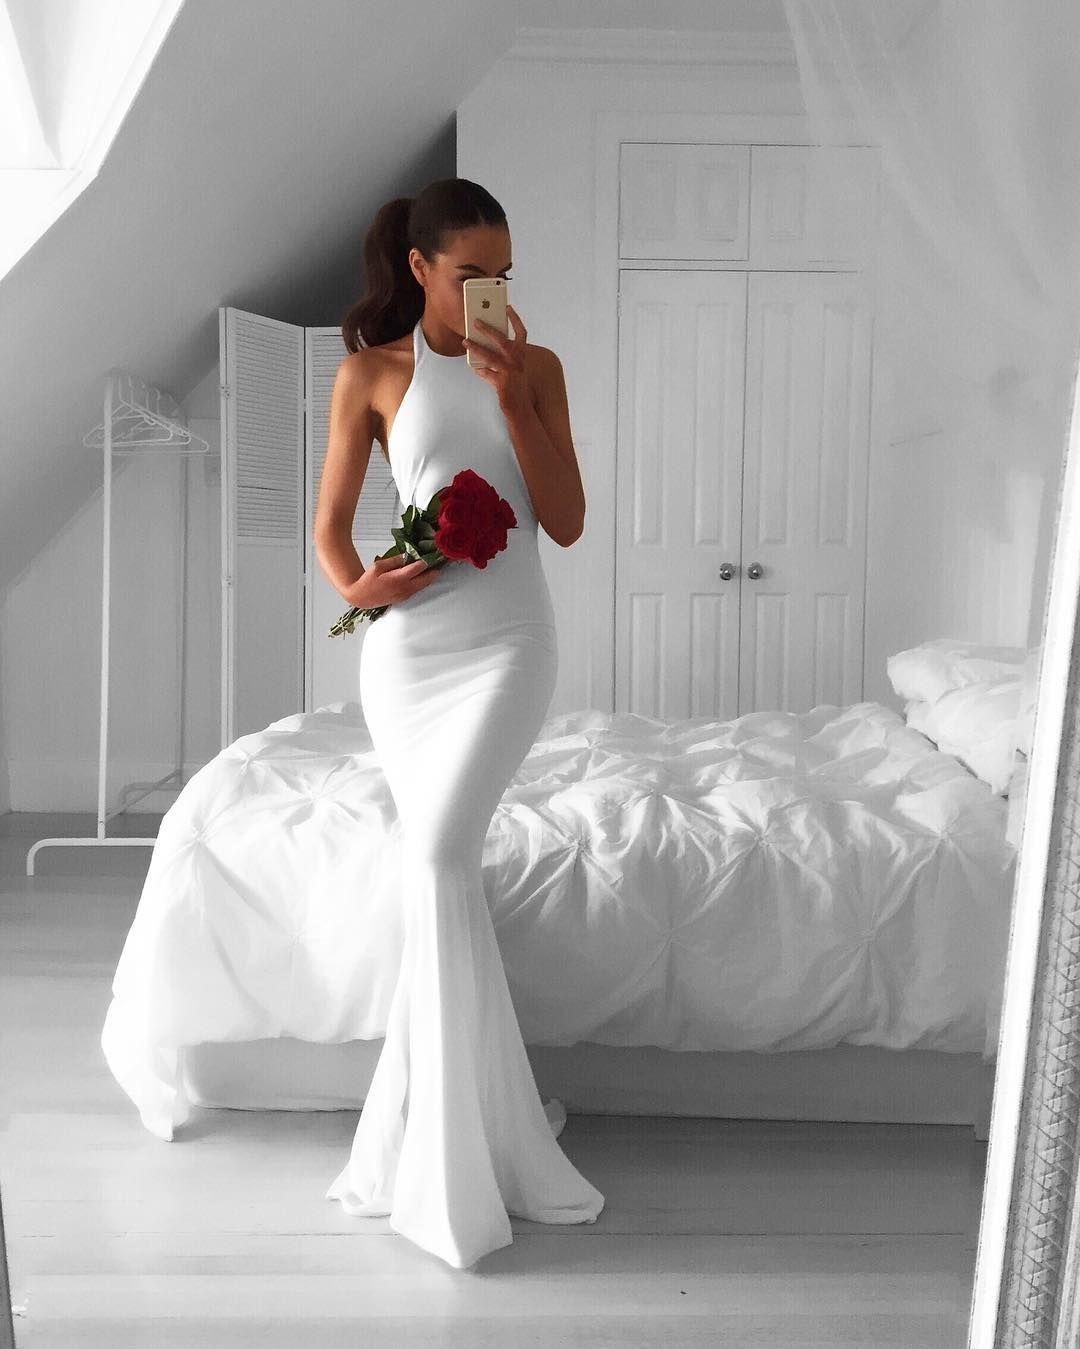 Prom dressesevening dresswhite prom dresslong mermaid dresswhite